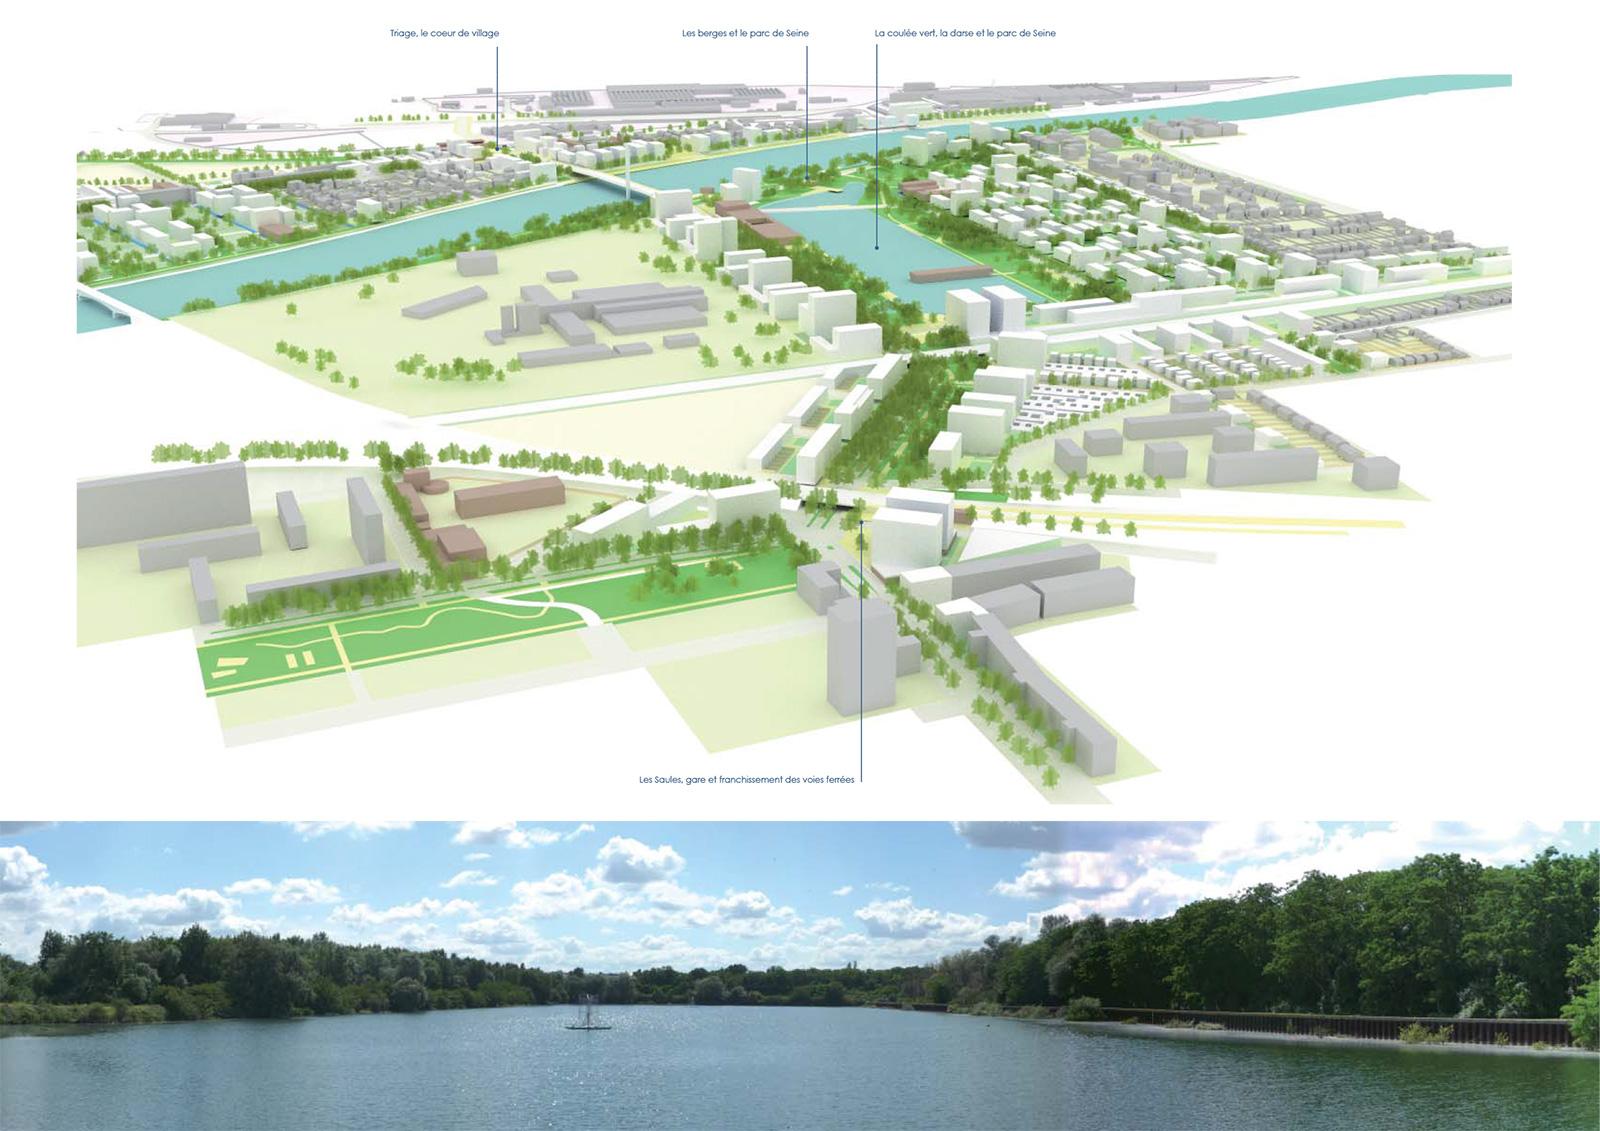 5-germe-et-jam-OGV-Orly-Villeneuve-St-George-urbanisation-grands-voeux-perspective